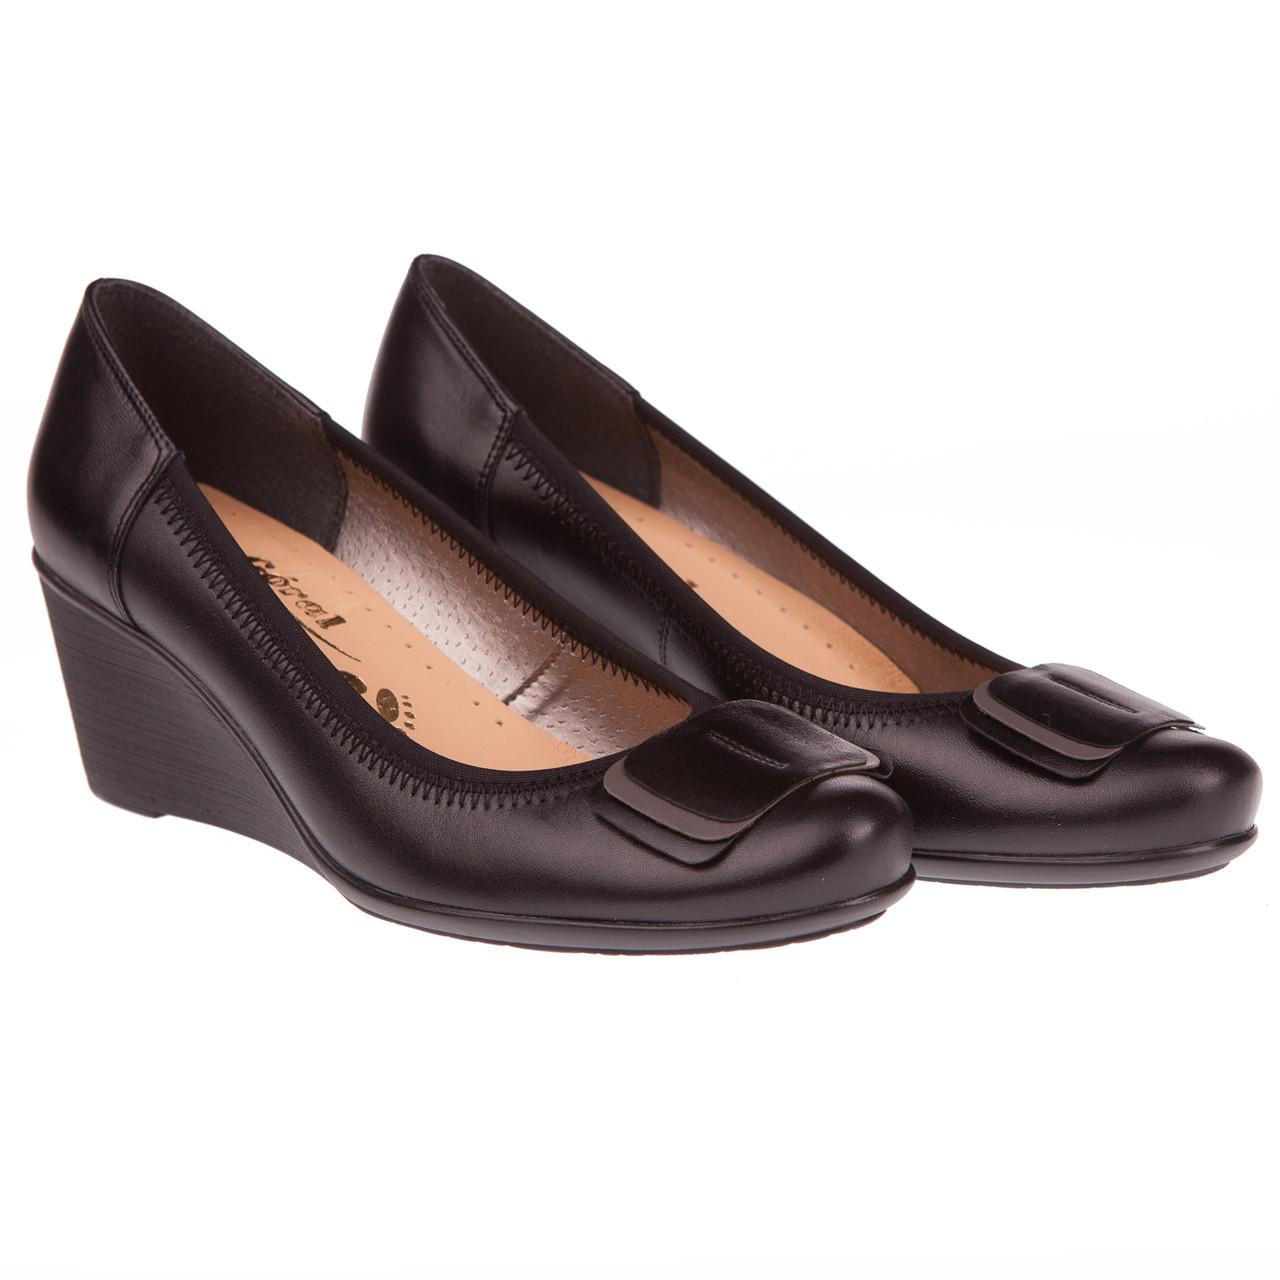 fec41ba24 Удобные туфли женские от Goral (на танкетке, комфортные, элегантные,  черного цвета)